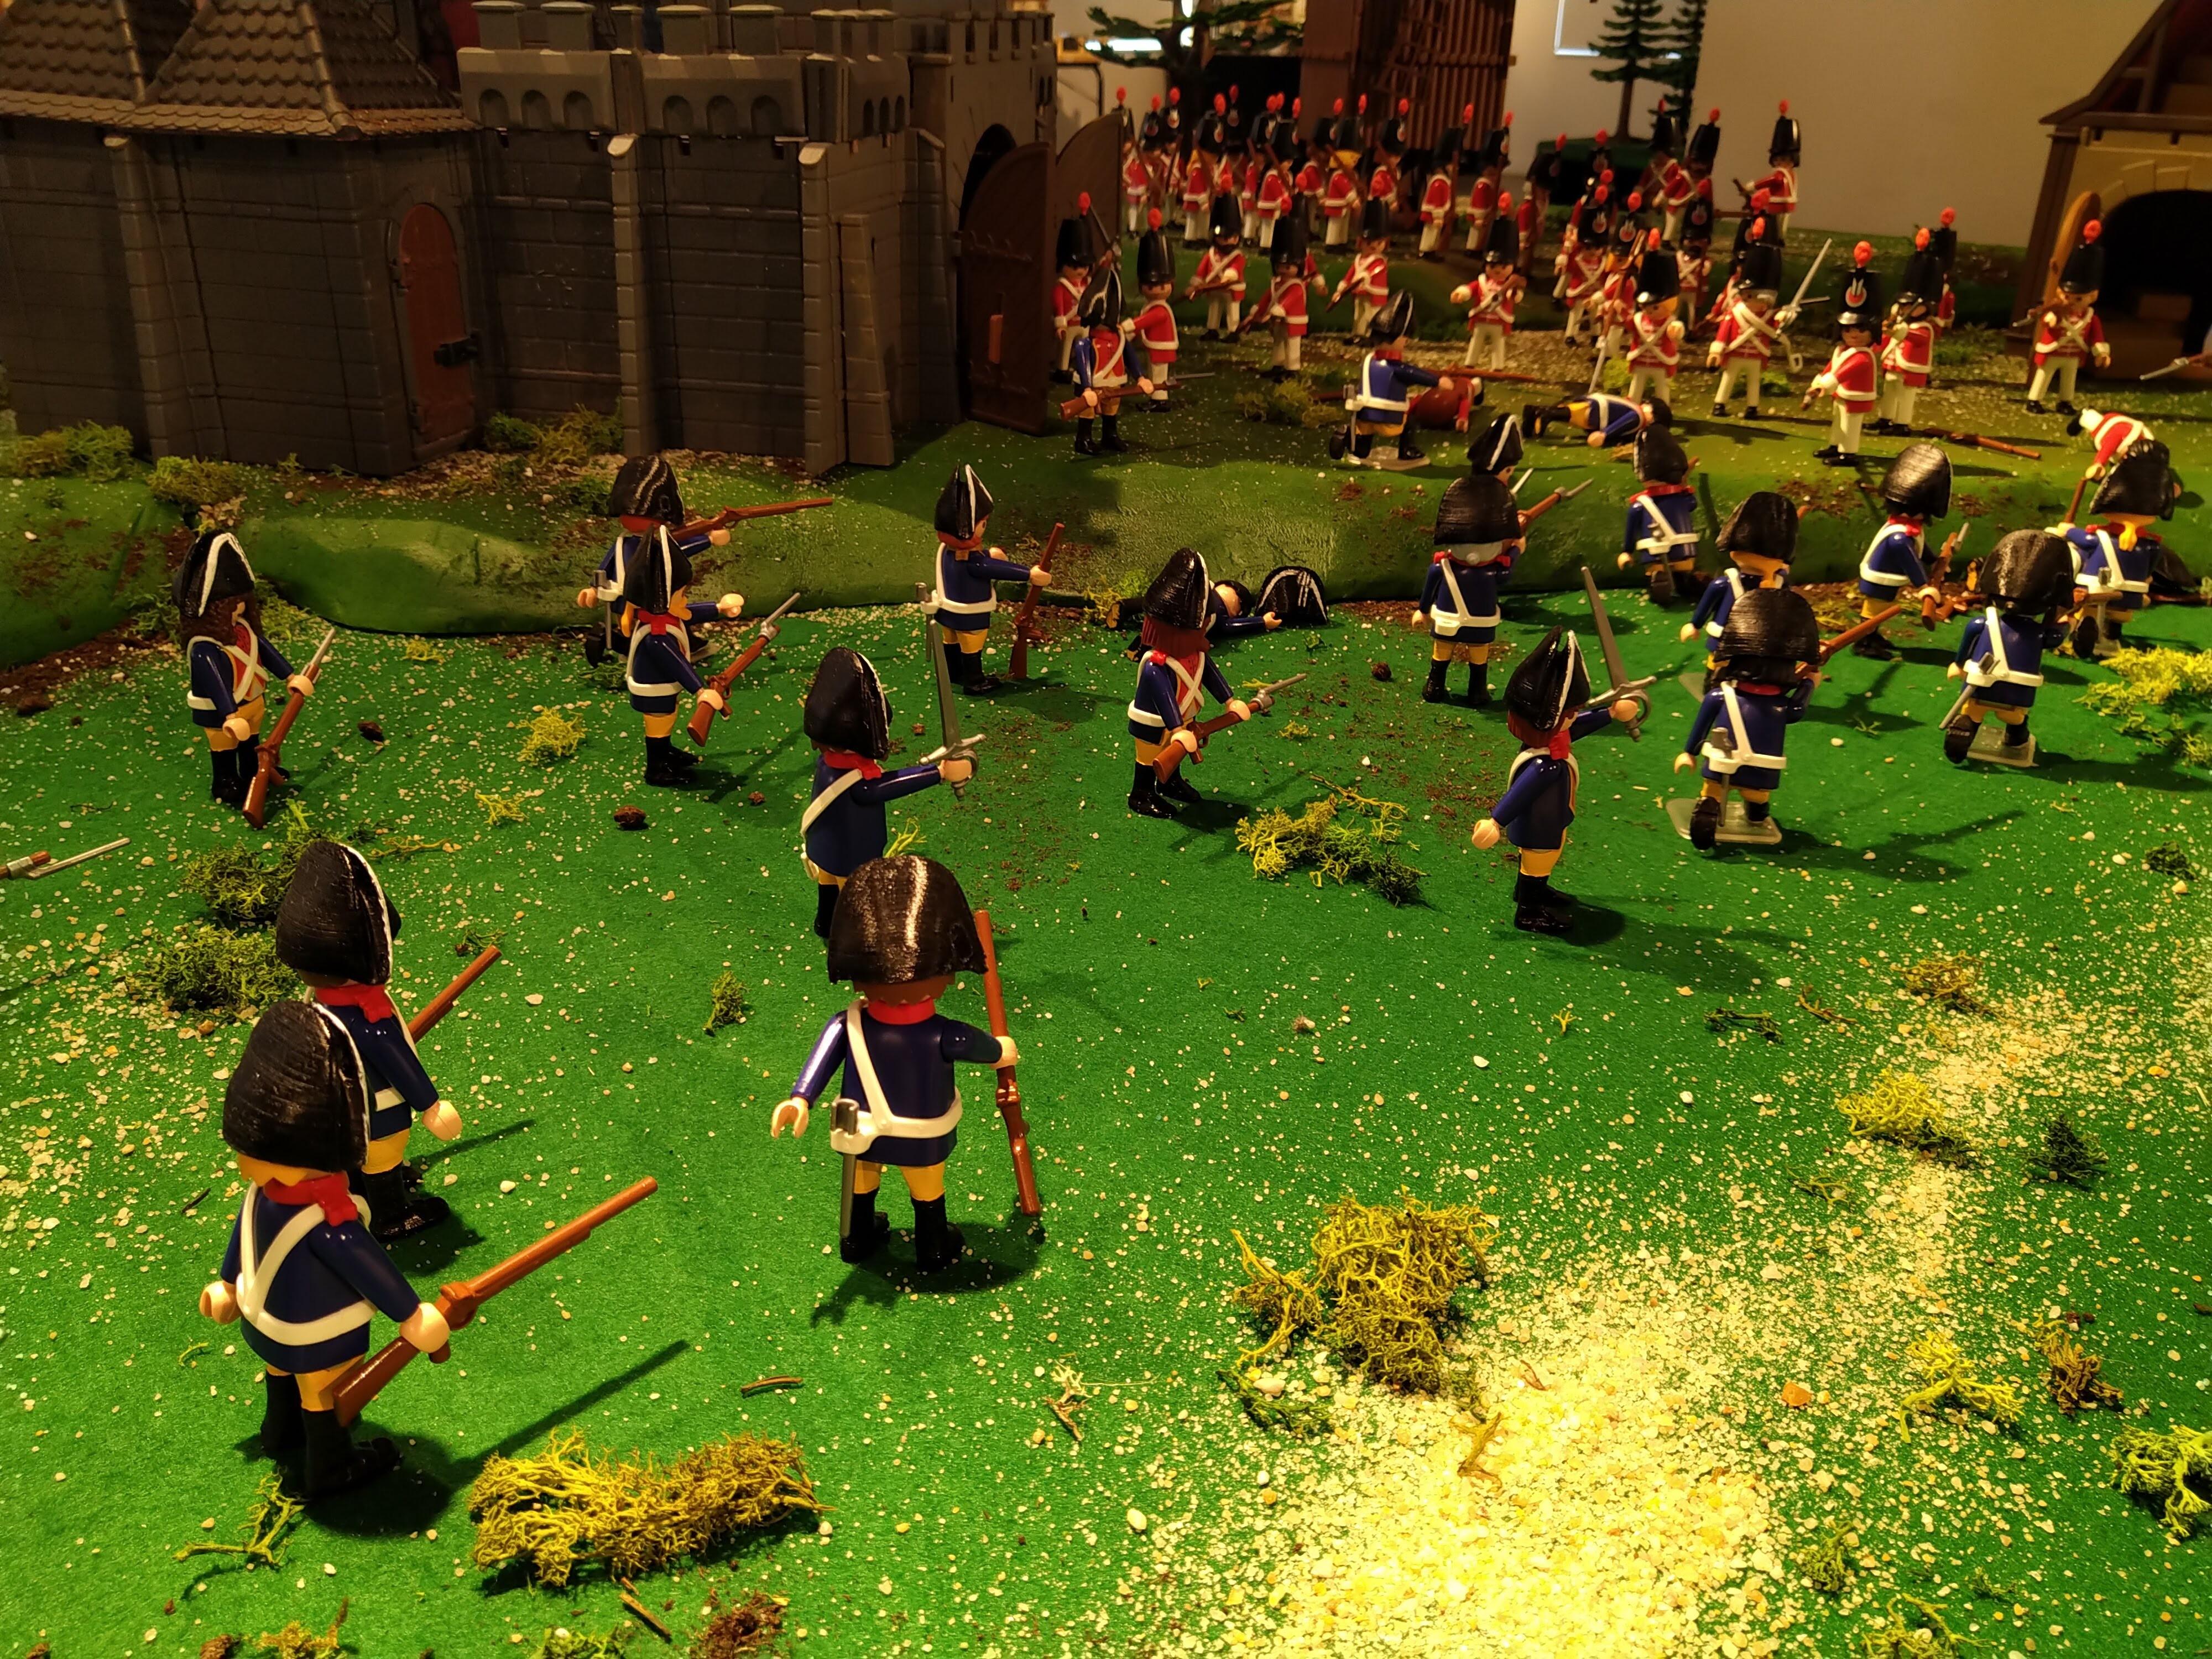 La gendarmerie playmobil pendant la guerre de crimée en 1855